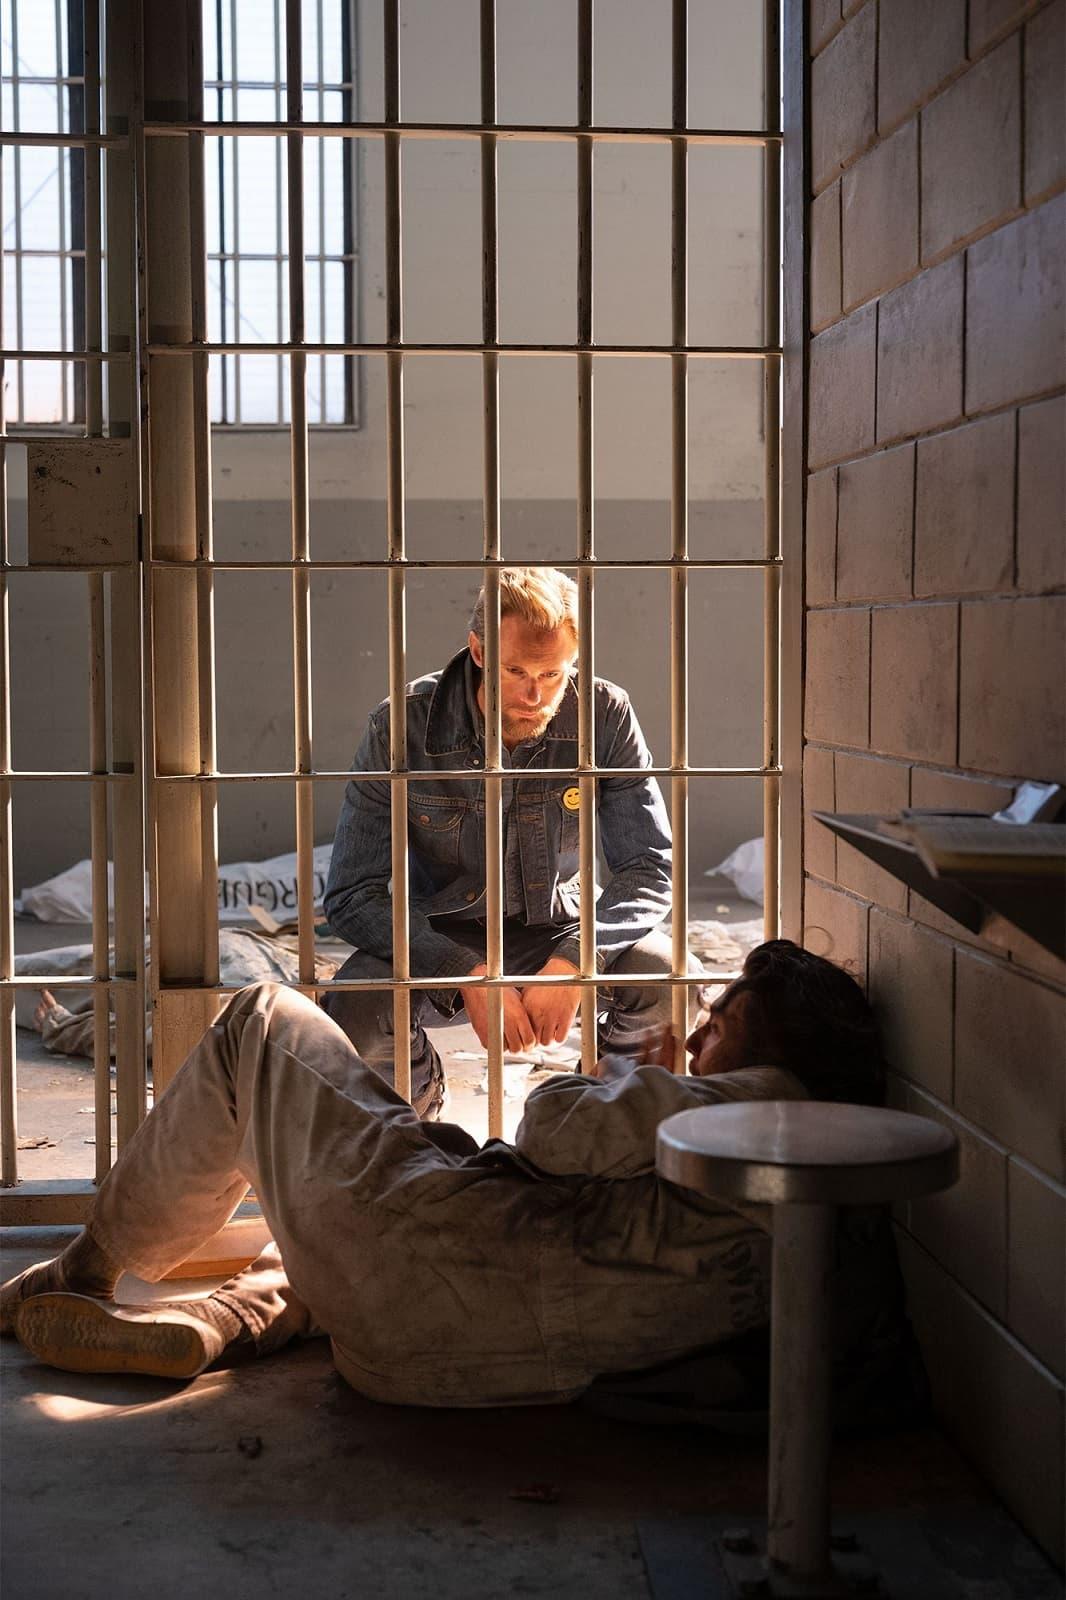 Сериал «Противостояние» по роману Стивена Кинга выйдет в декабре 2020 года - 04